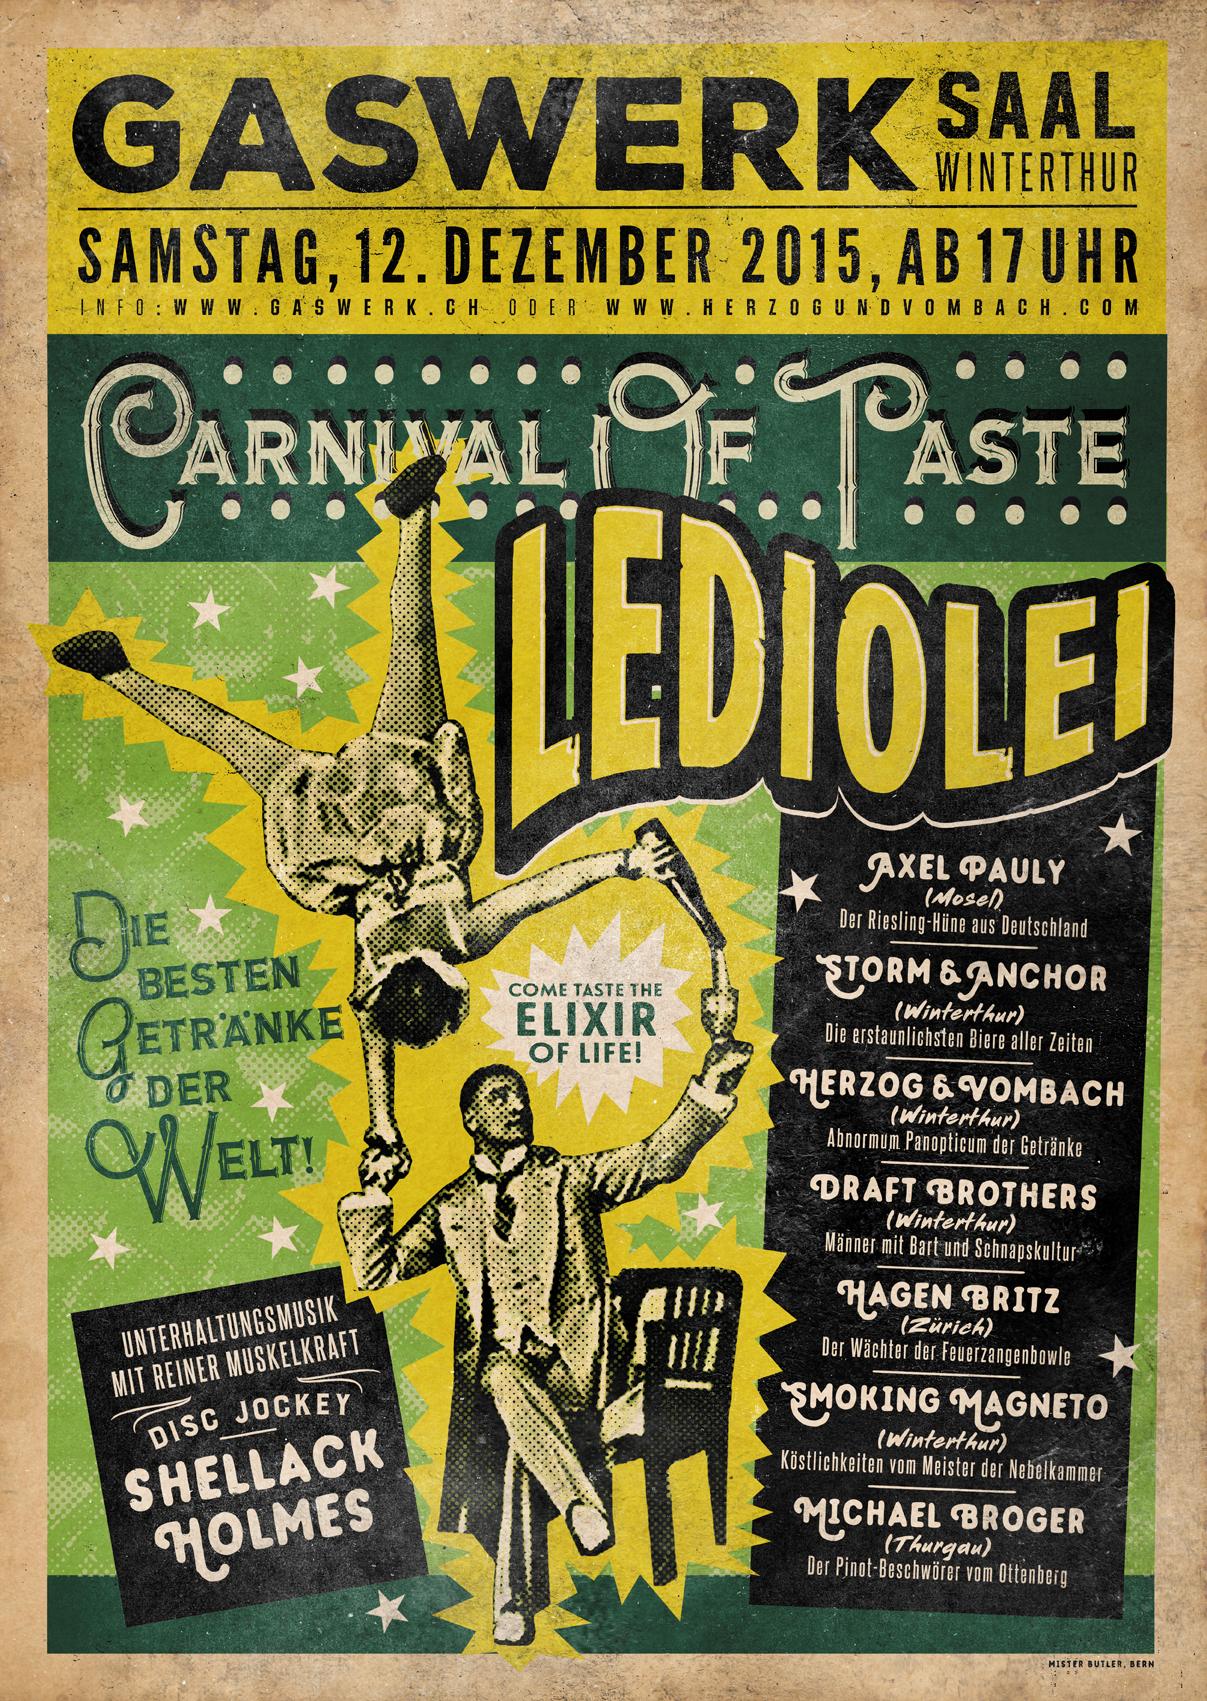 Carnival of Taste